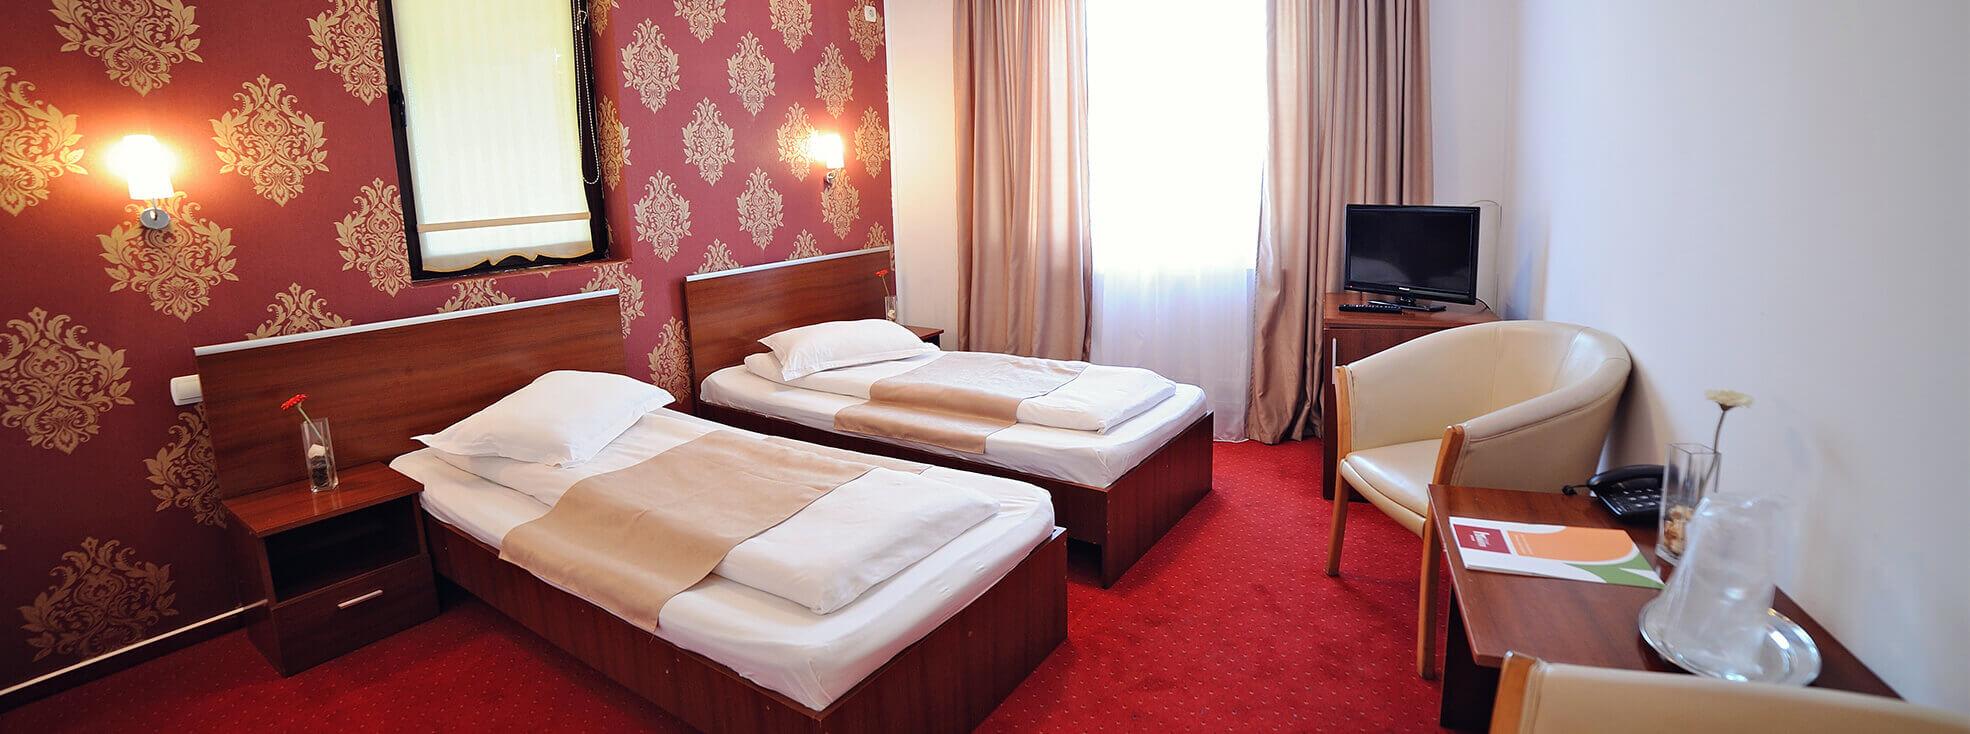 Hotel Roberto - Slanic